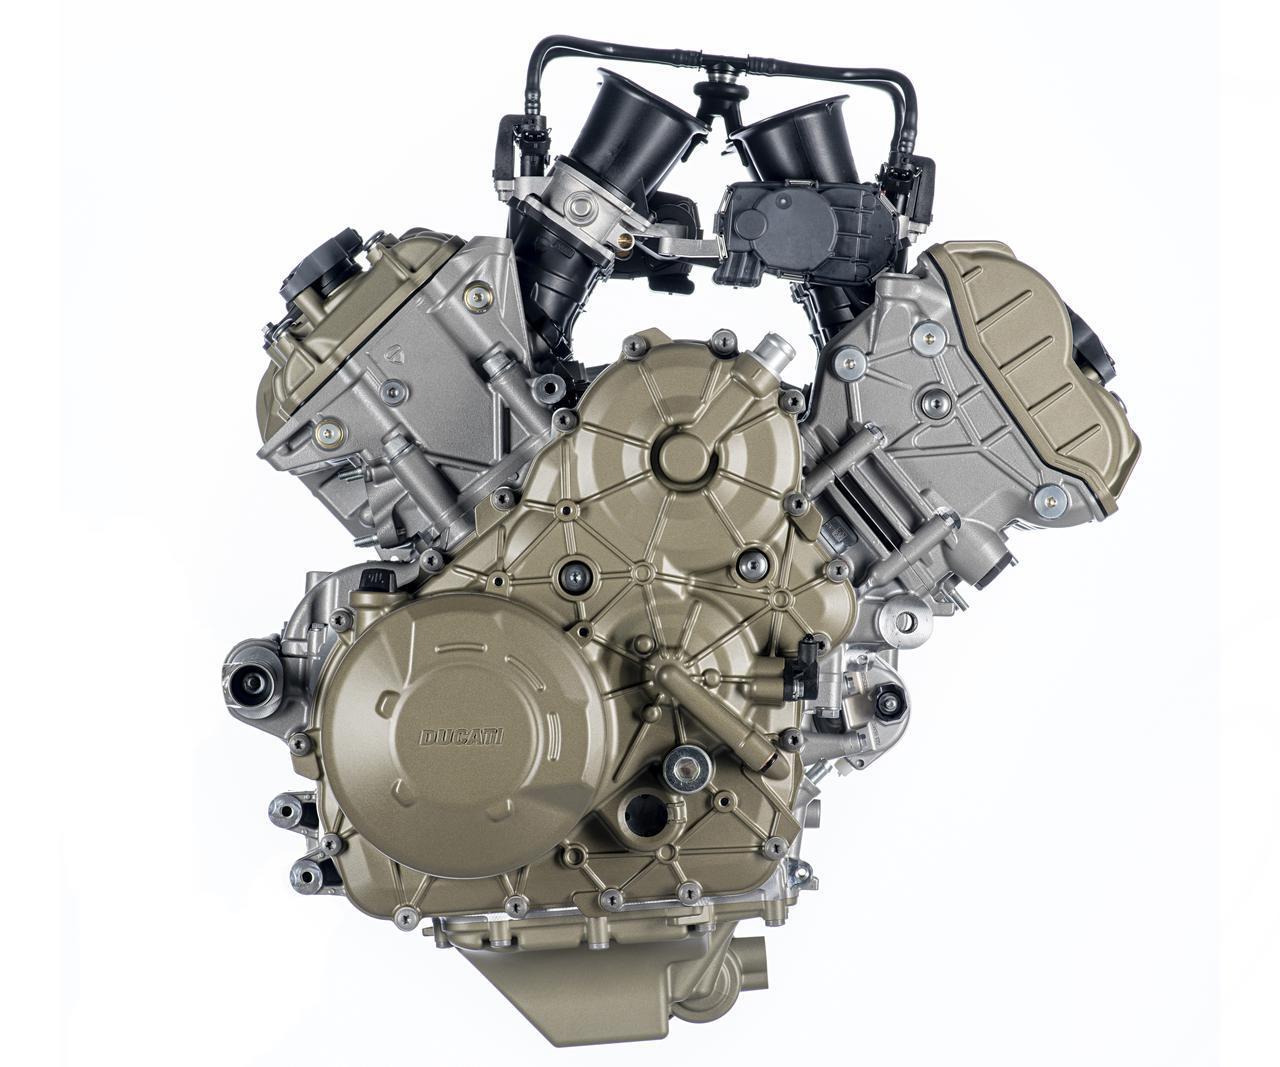 画像: ムルティストラーダV4に搭載されているエンジン「V4グランツーリスモ」 www.ducati.com